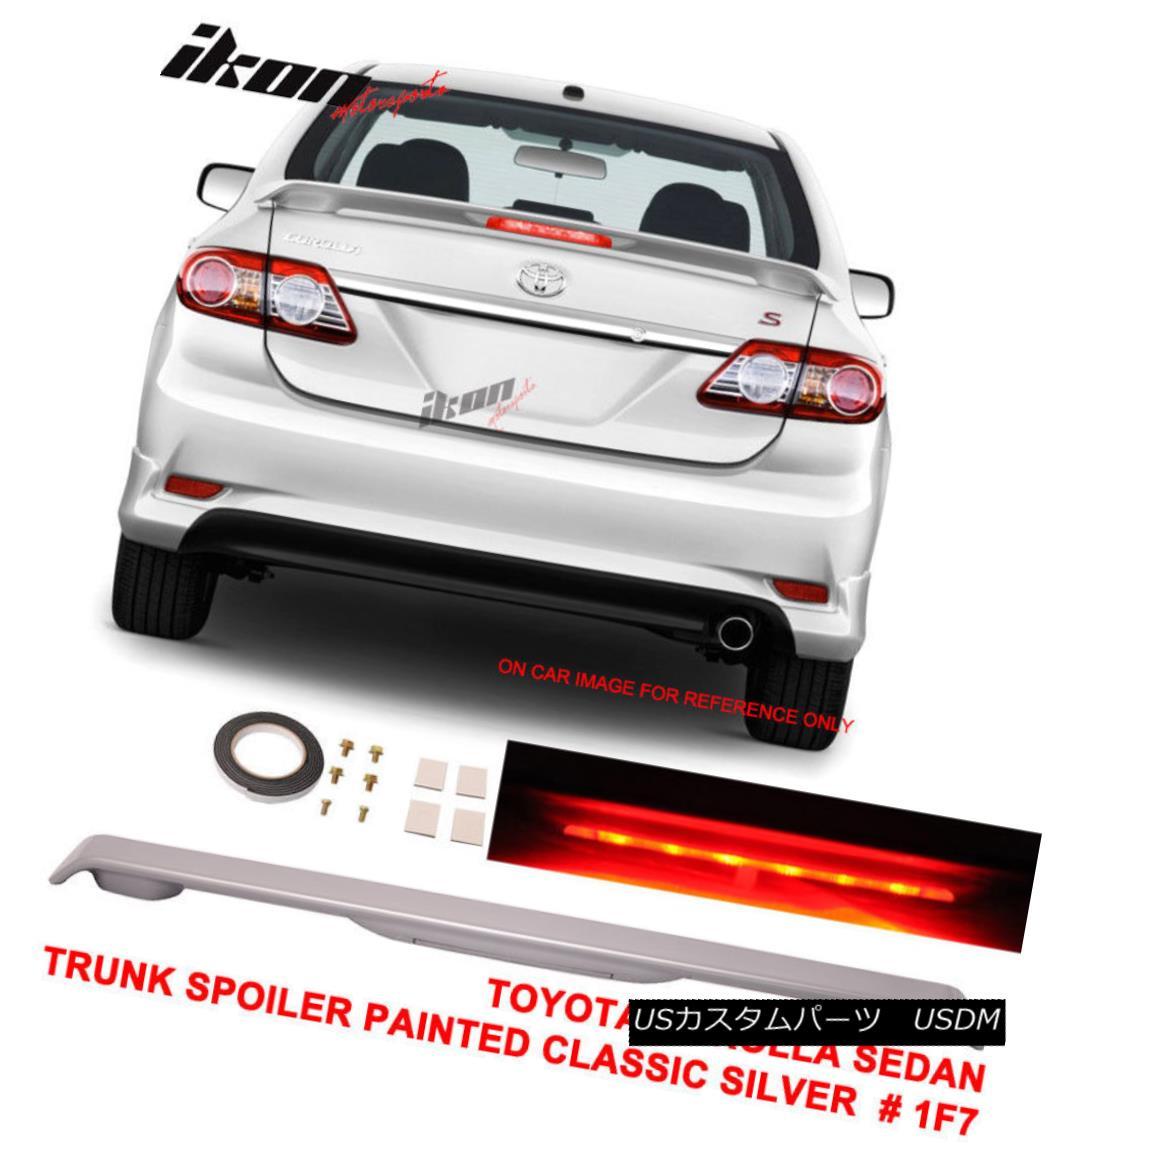 エアロパーツ 09-13 Toyota Corolla 4D Trunk Spoiler Painted Classic Silver # 1F7 LED Light 09-13トヨタカローラ4Dトランクスポイラー塗装クラシックシルバー#1F7 LEDライト